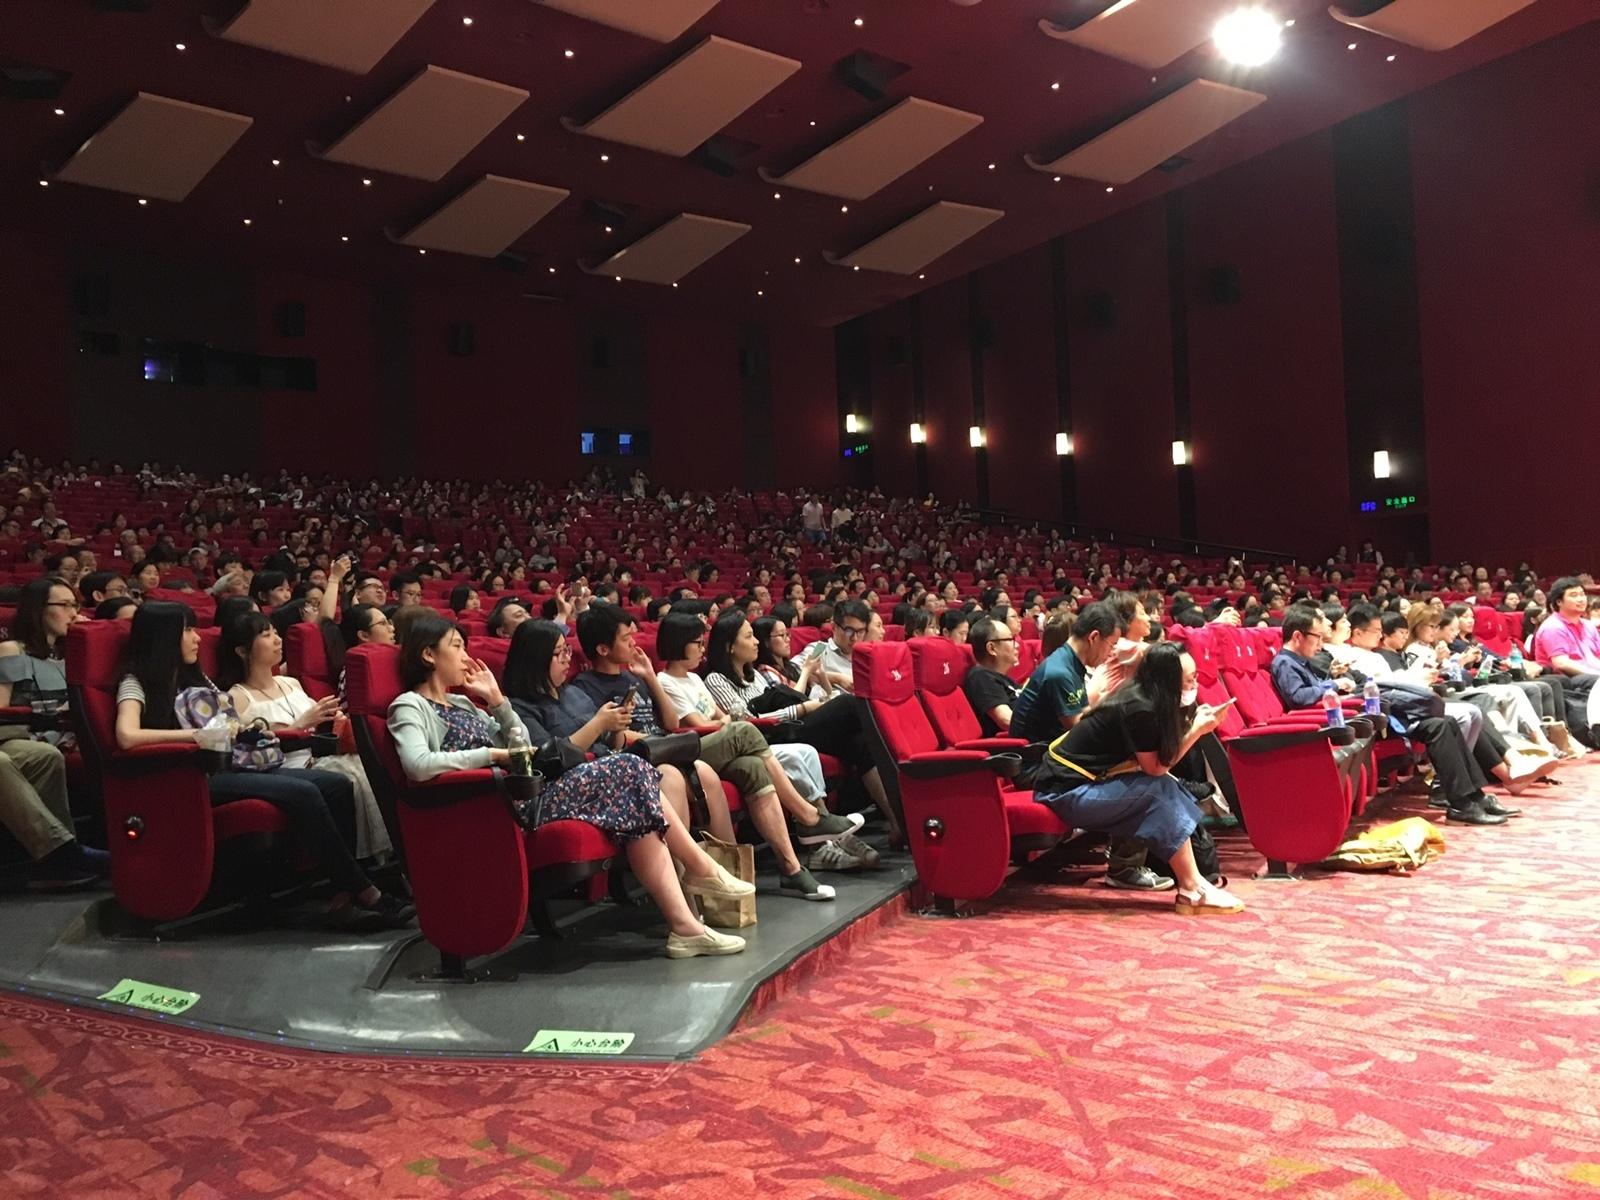 1,000人の大きな会場が満席となる盛況ぶり